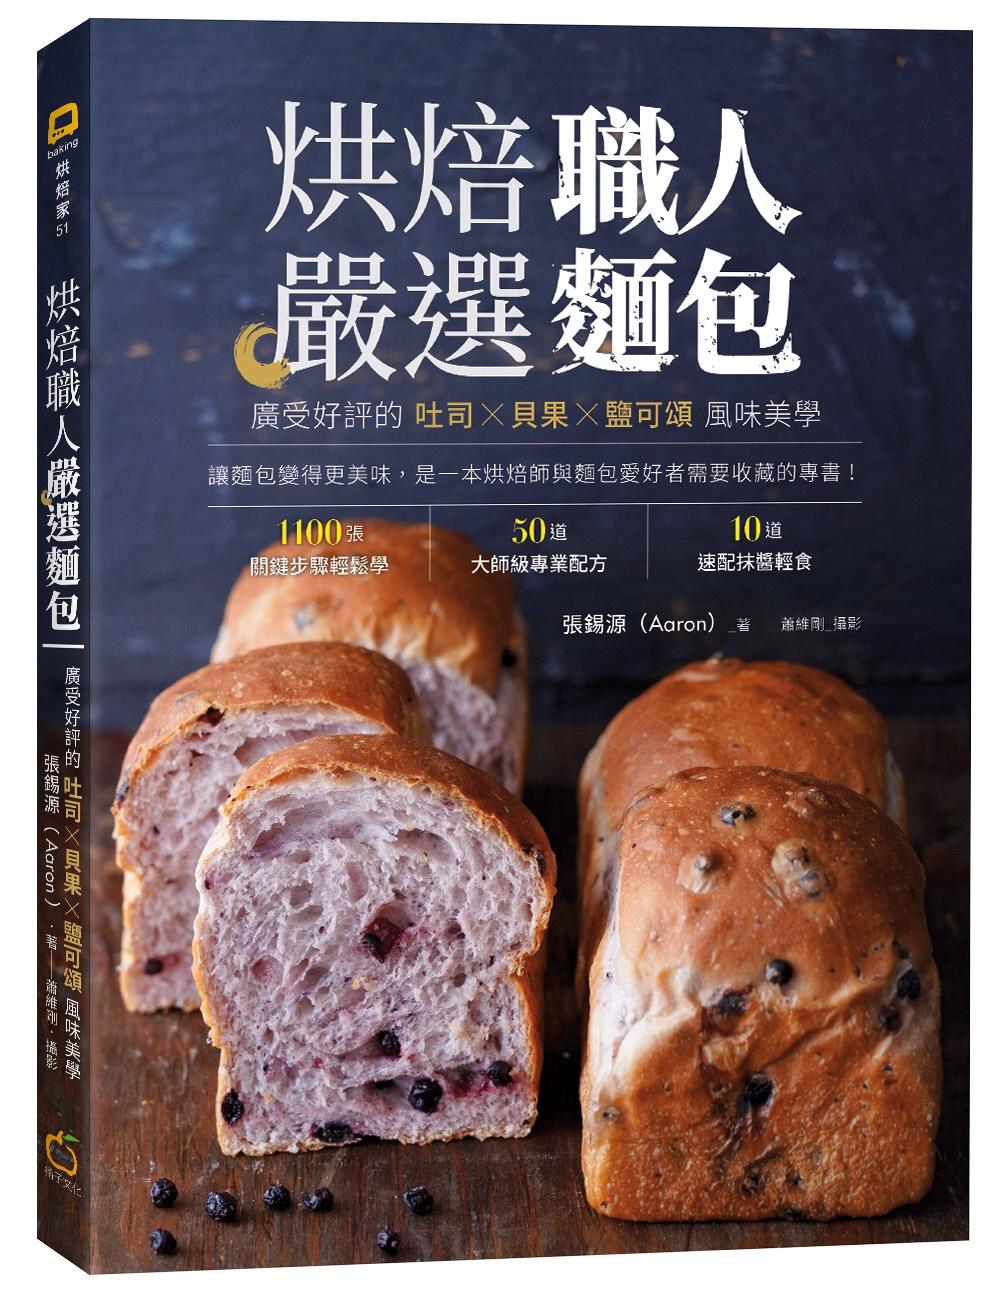 烘焙職人嚴選麵包:廣受好評的吐...